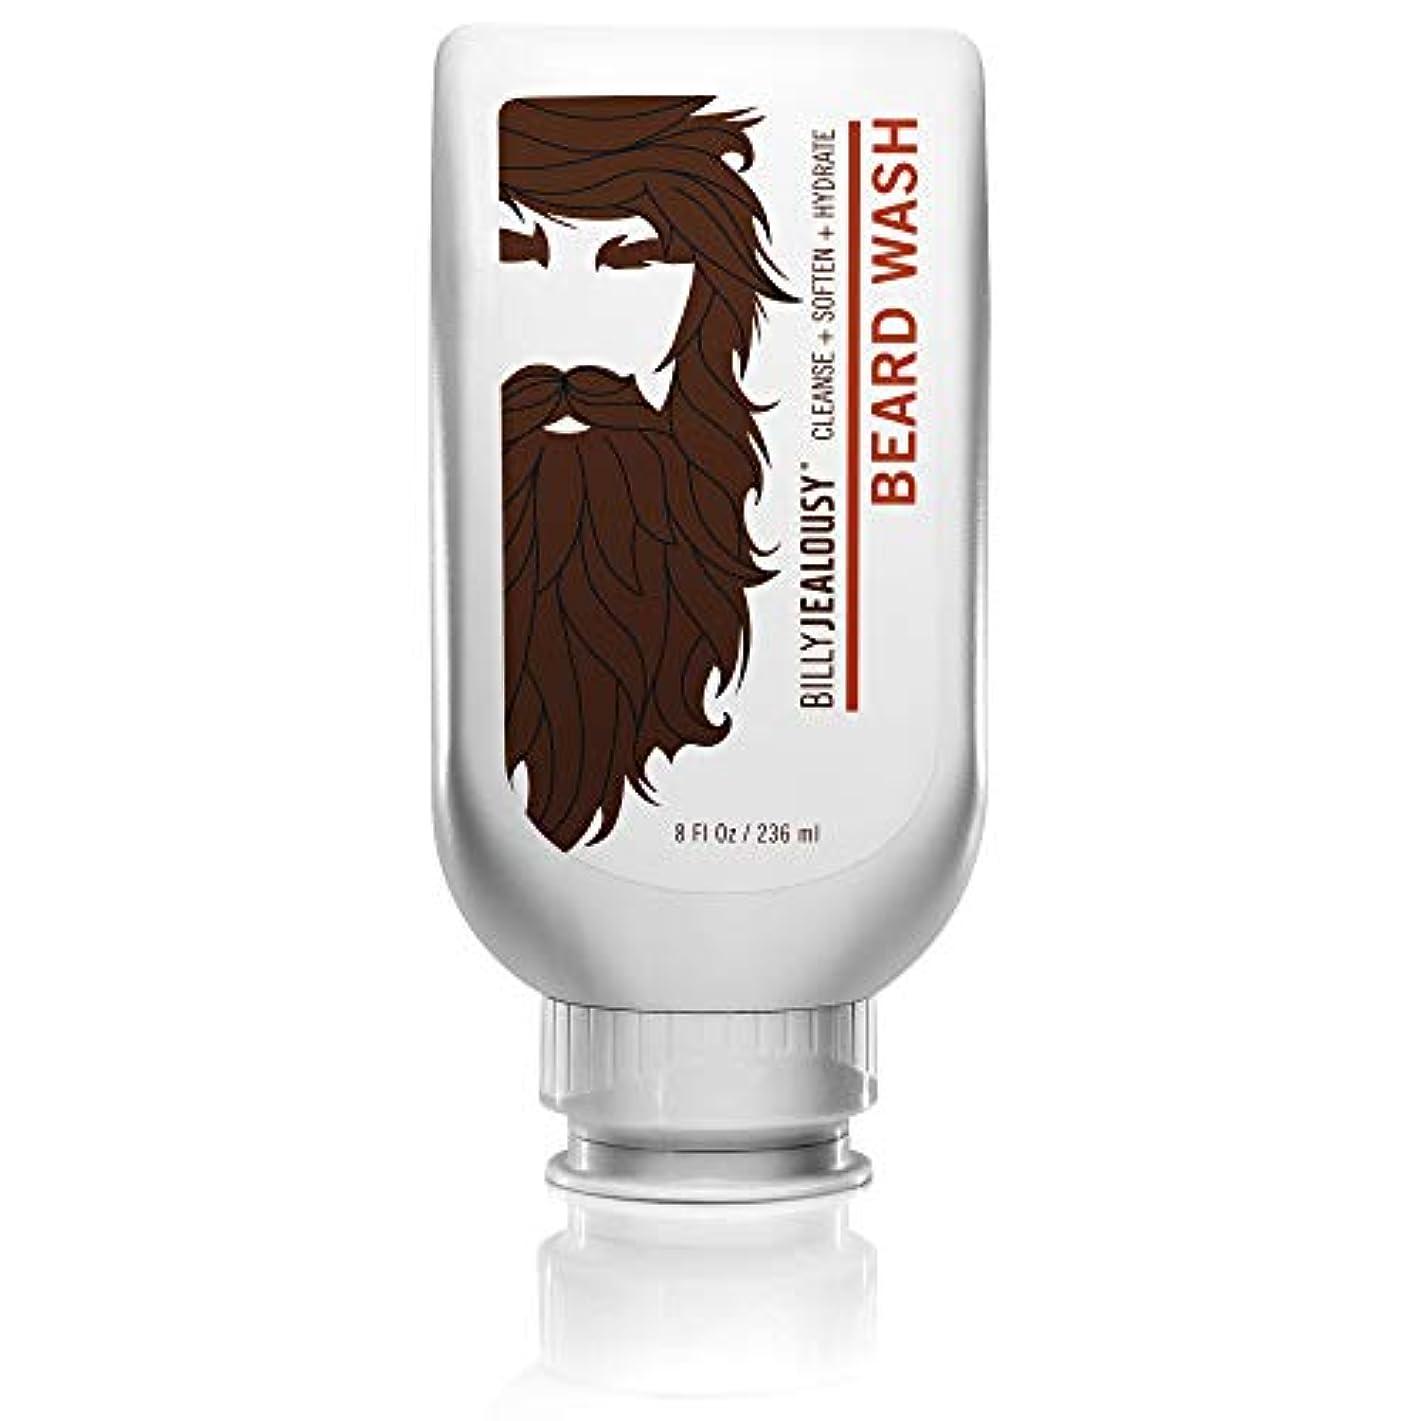 報酬王族くそービリージェラシー Beard Wash 236ml/8oz並行輸入品